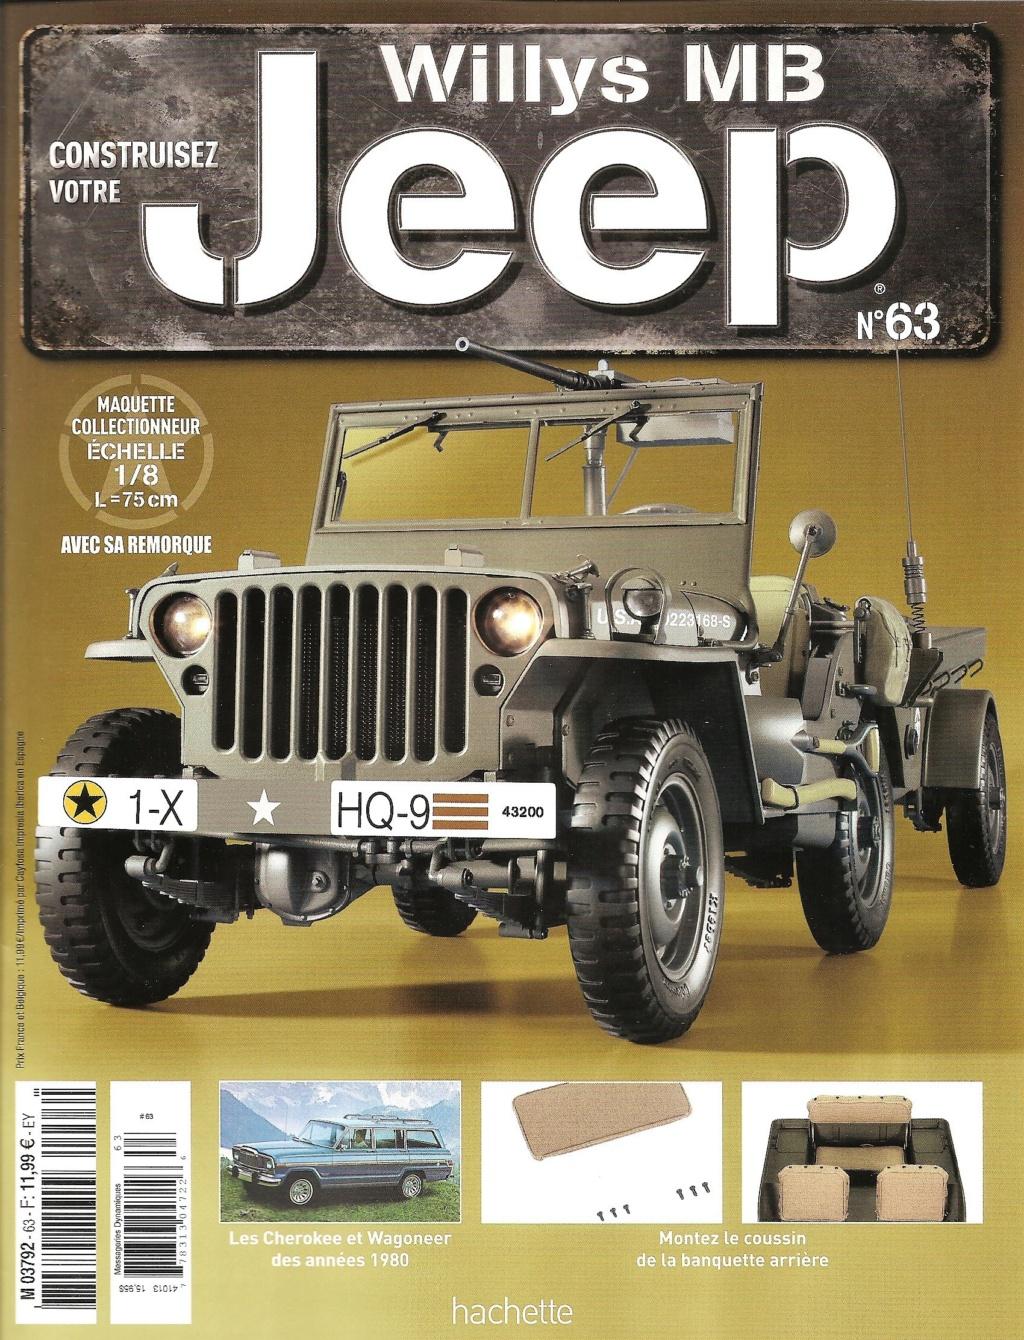 Jeep Willis Hachette au 1/8 [partie I] - Page 20 N63_pa10